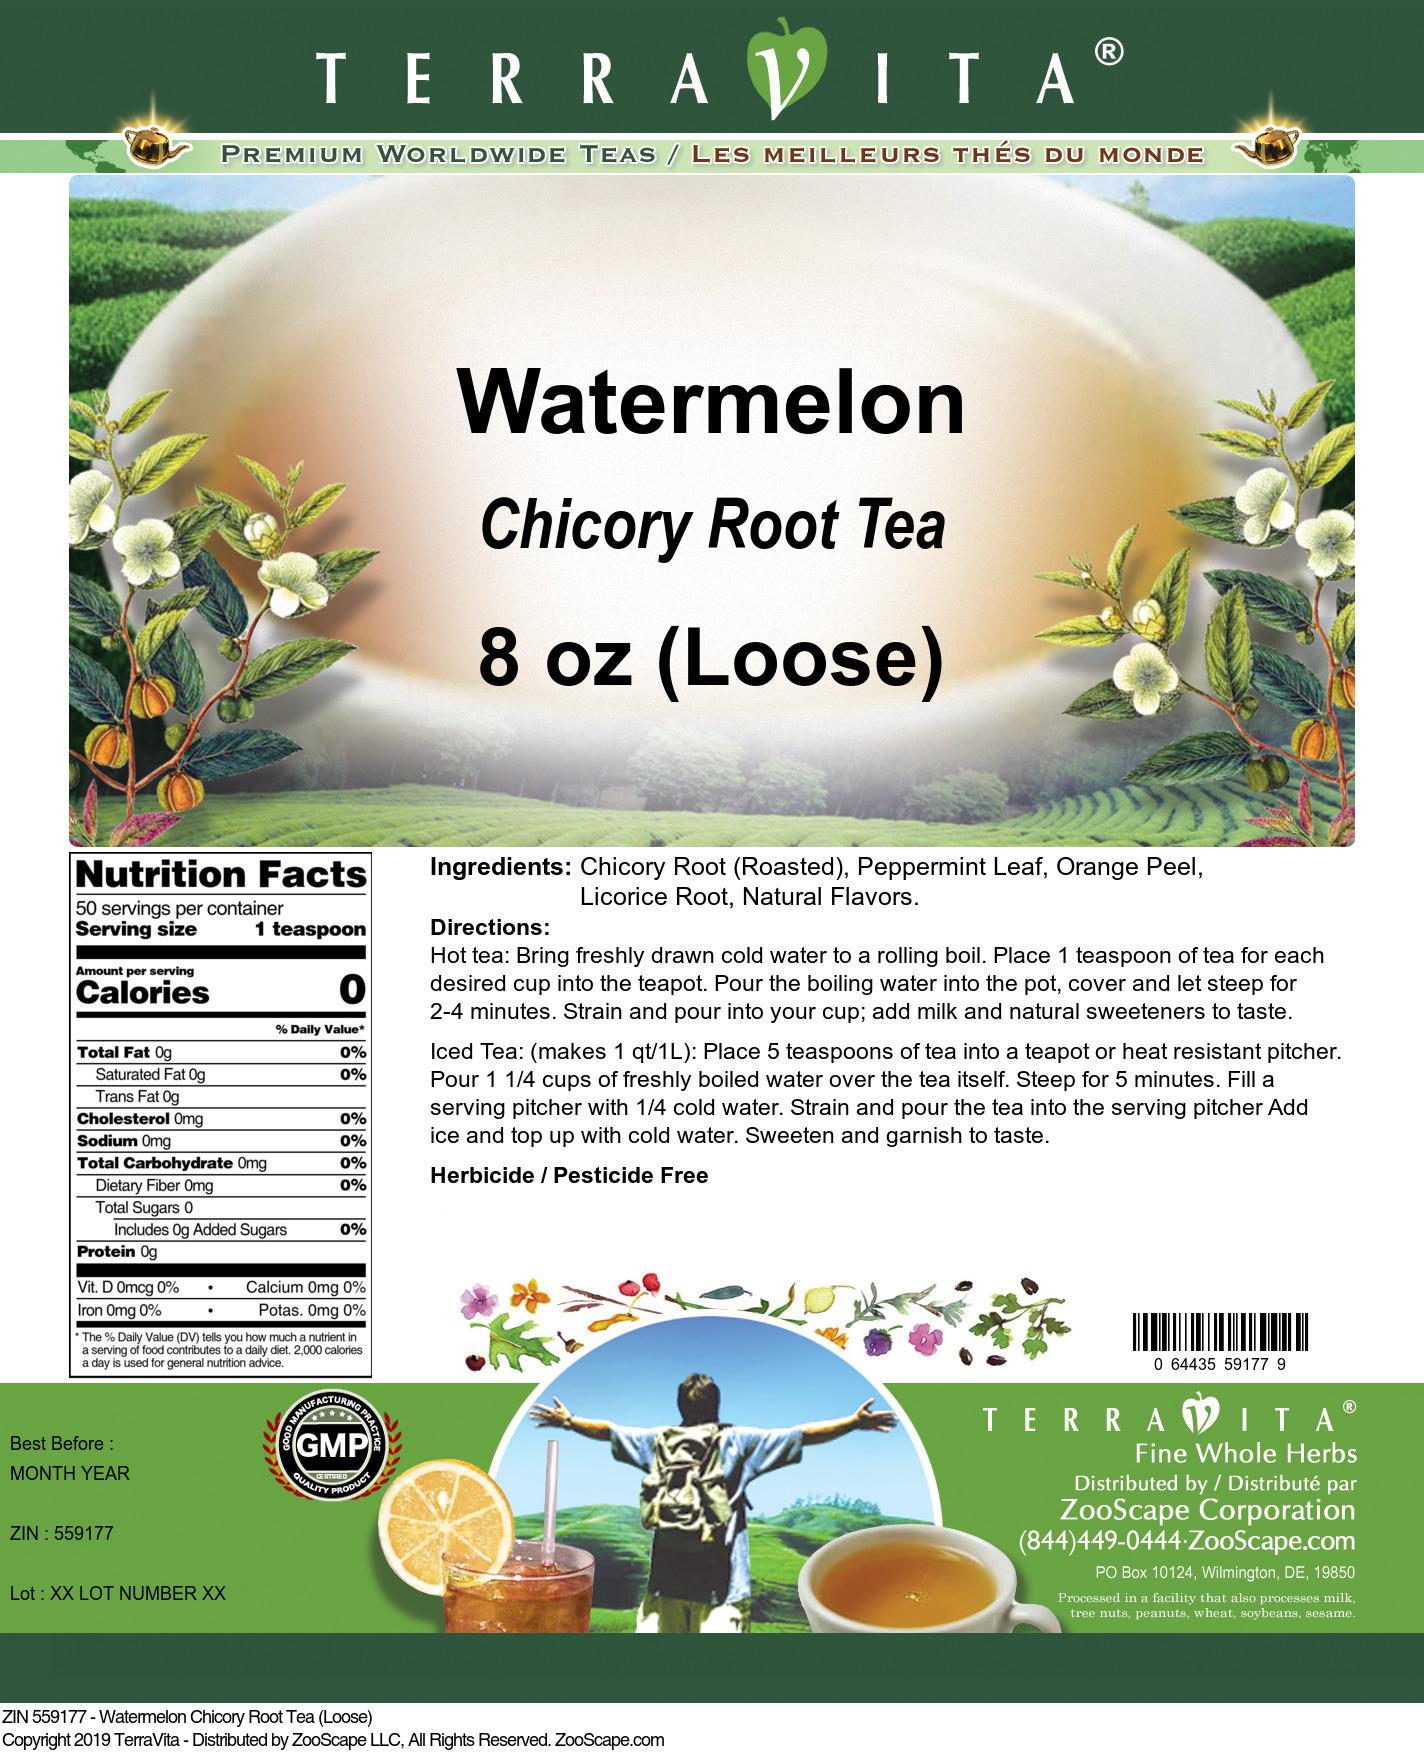 Watermelon Chicory Root